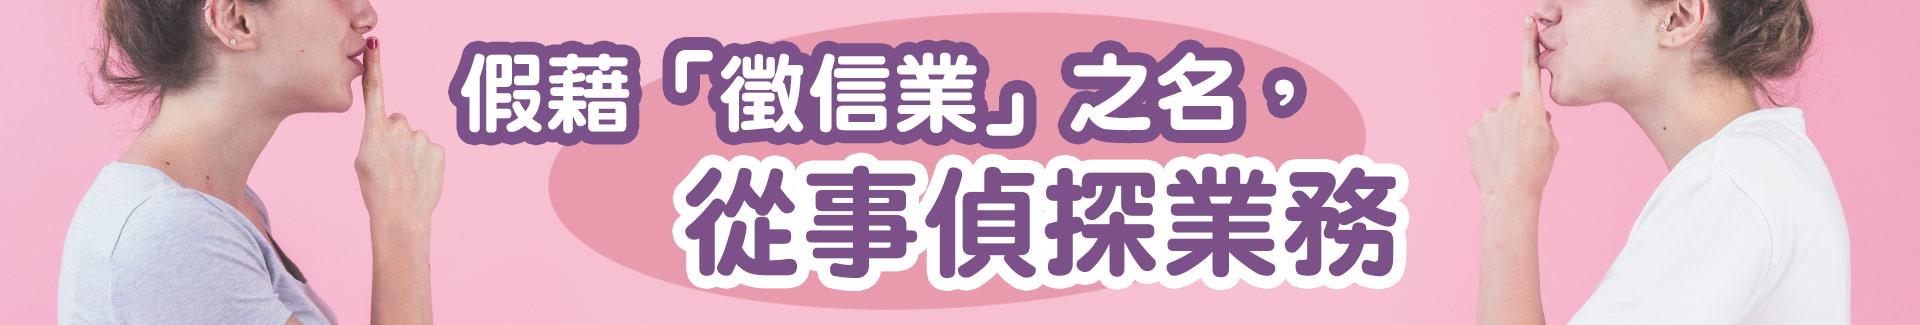 只有觸法限制,沒有法規保障的台灣「徵信業」